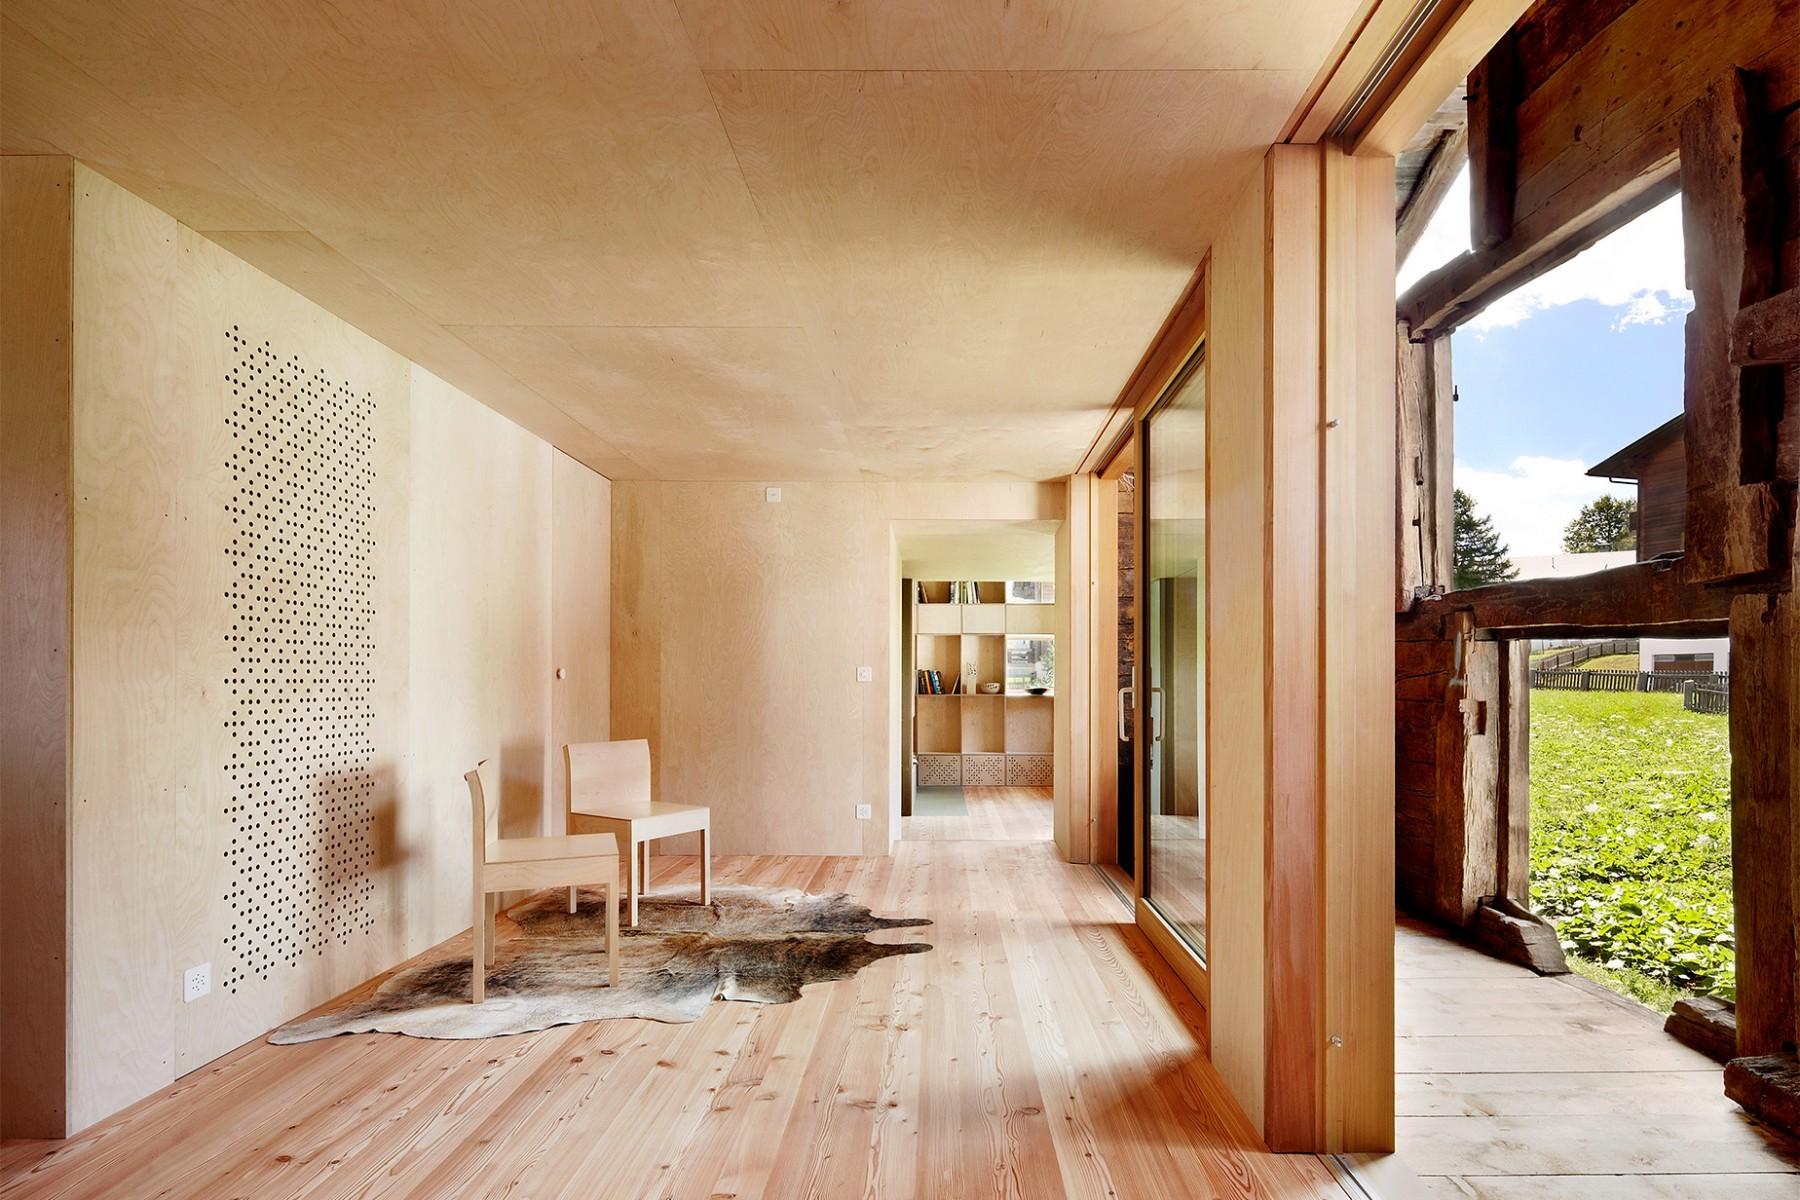 Casa C Reckingen – Wohnbereich